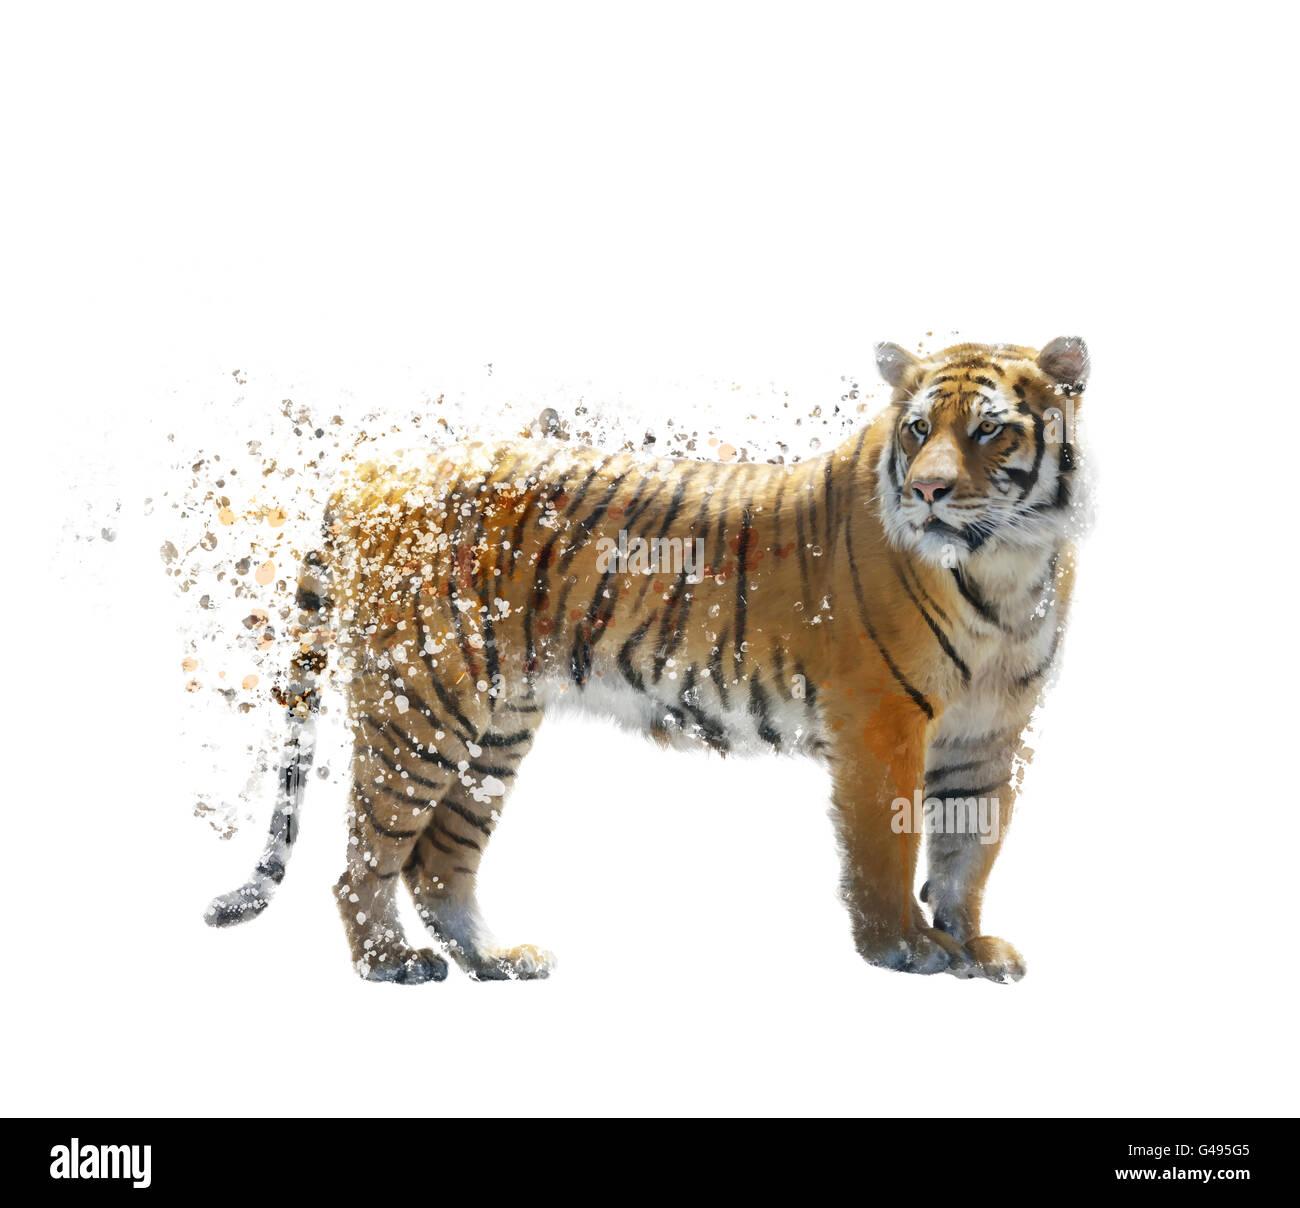 Peinture numérique de tigre sur fond blanc Photo Stock